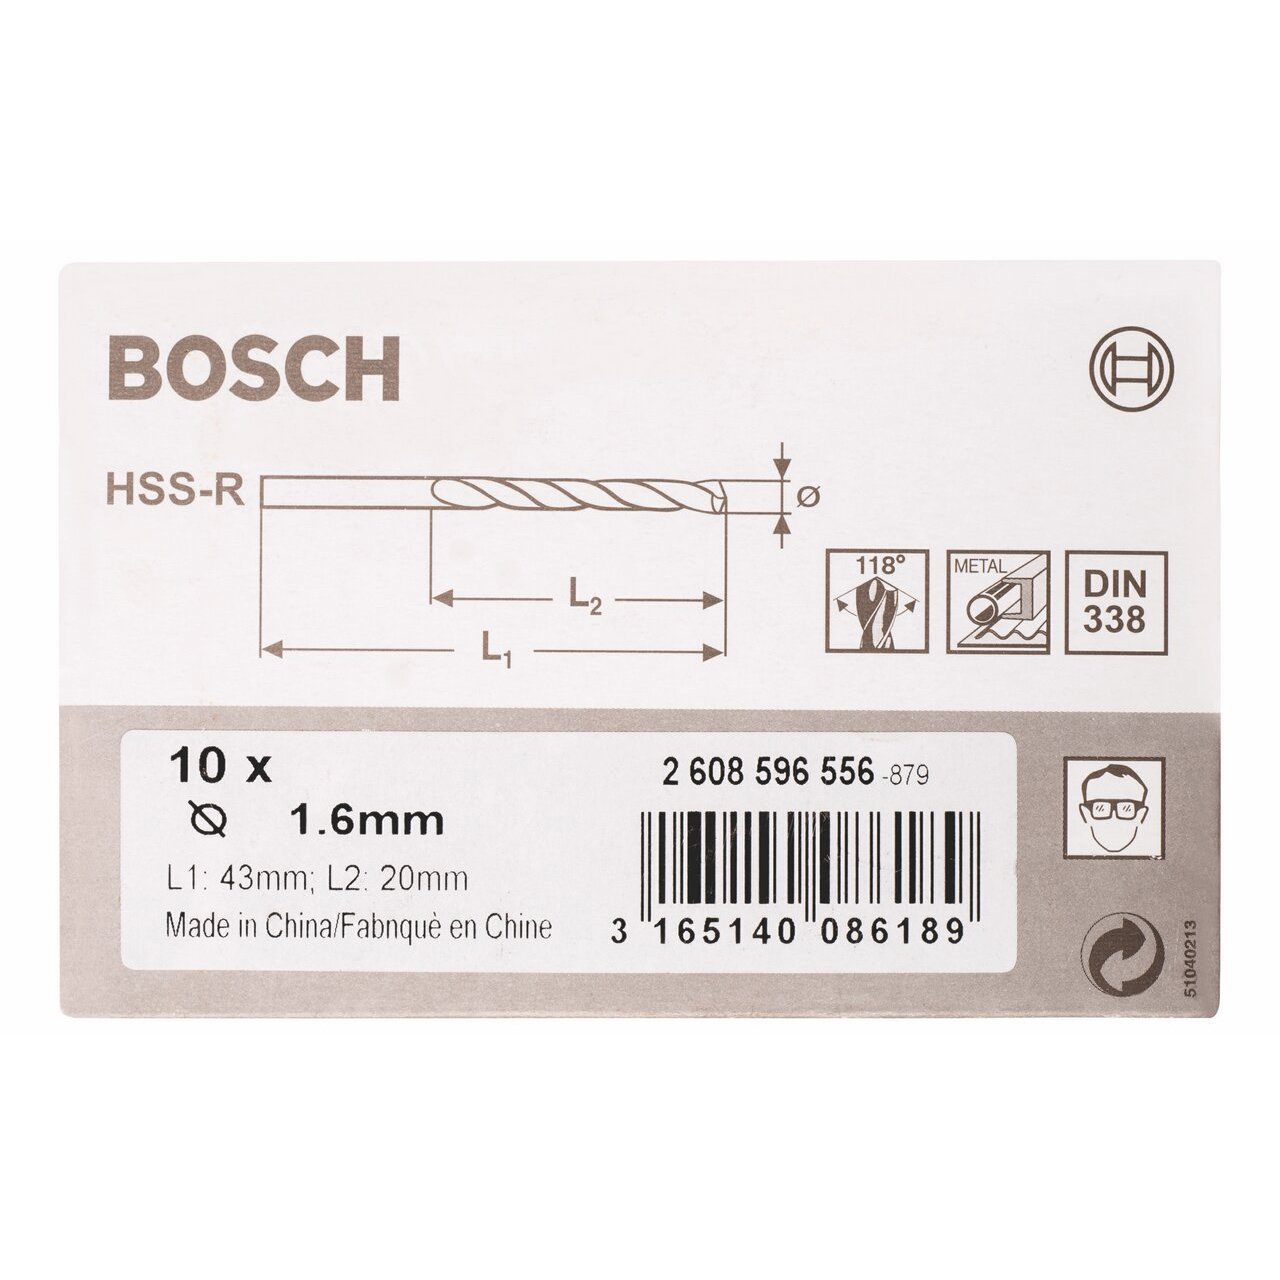 1.6 Bosch 2608596556 Forets /à m/étal HSS-R 10 Pi/èces Noir